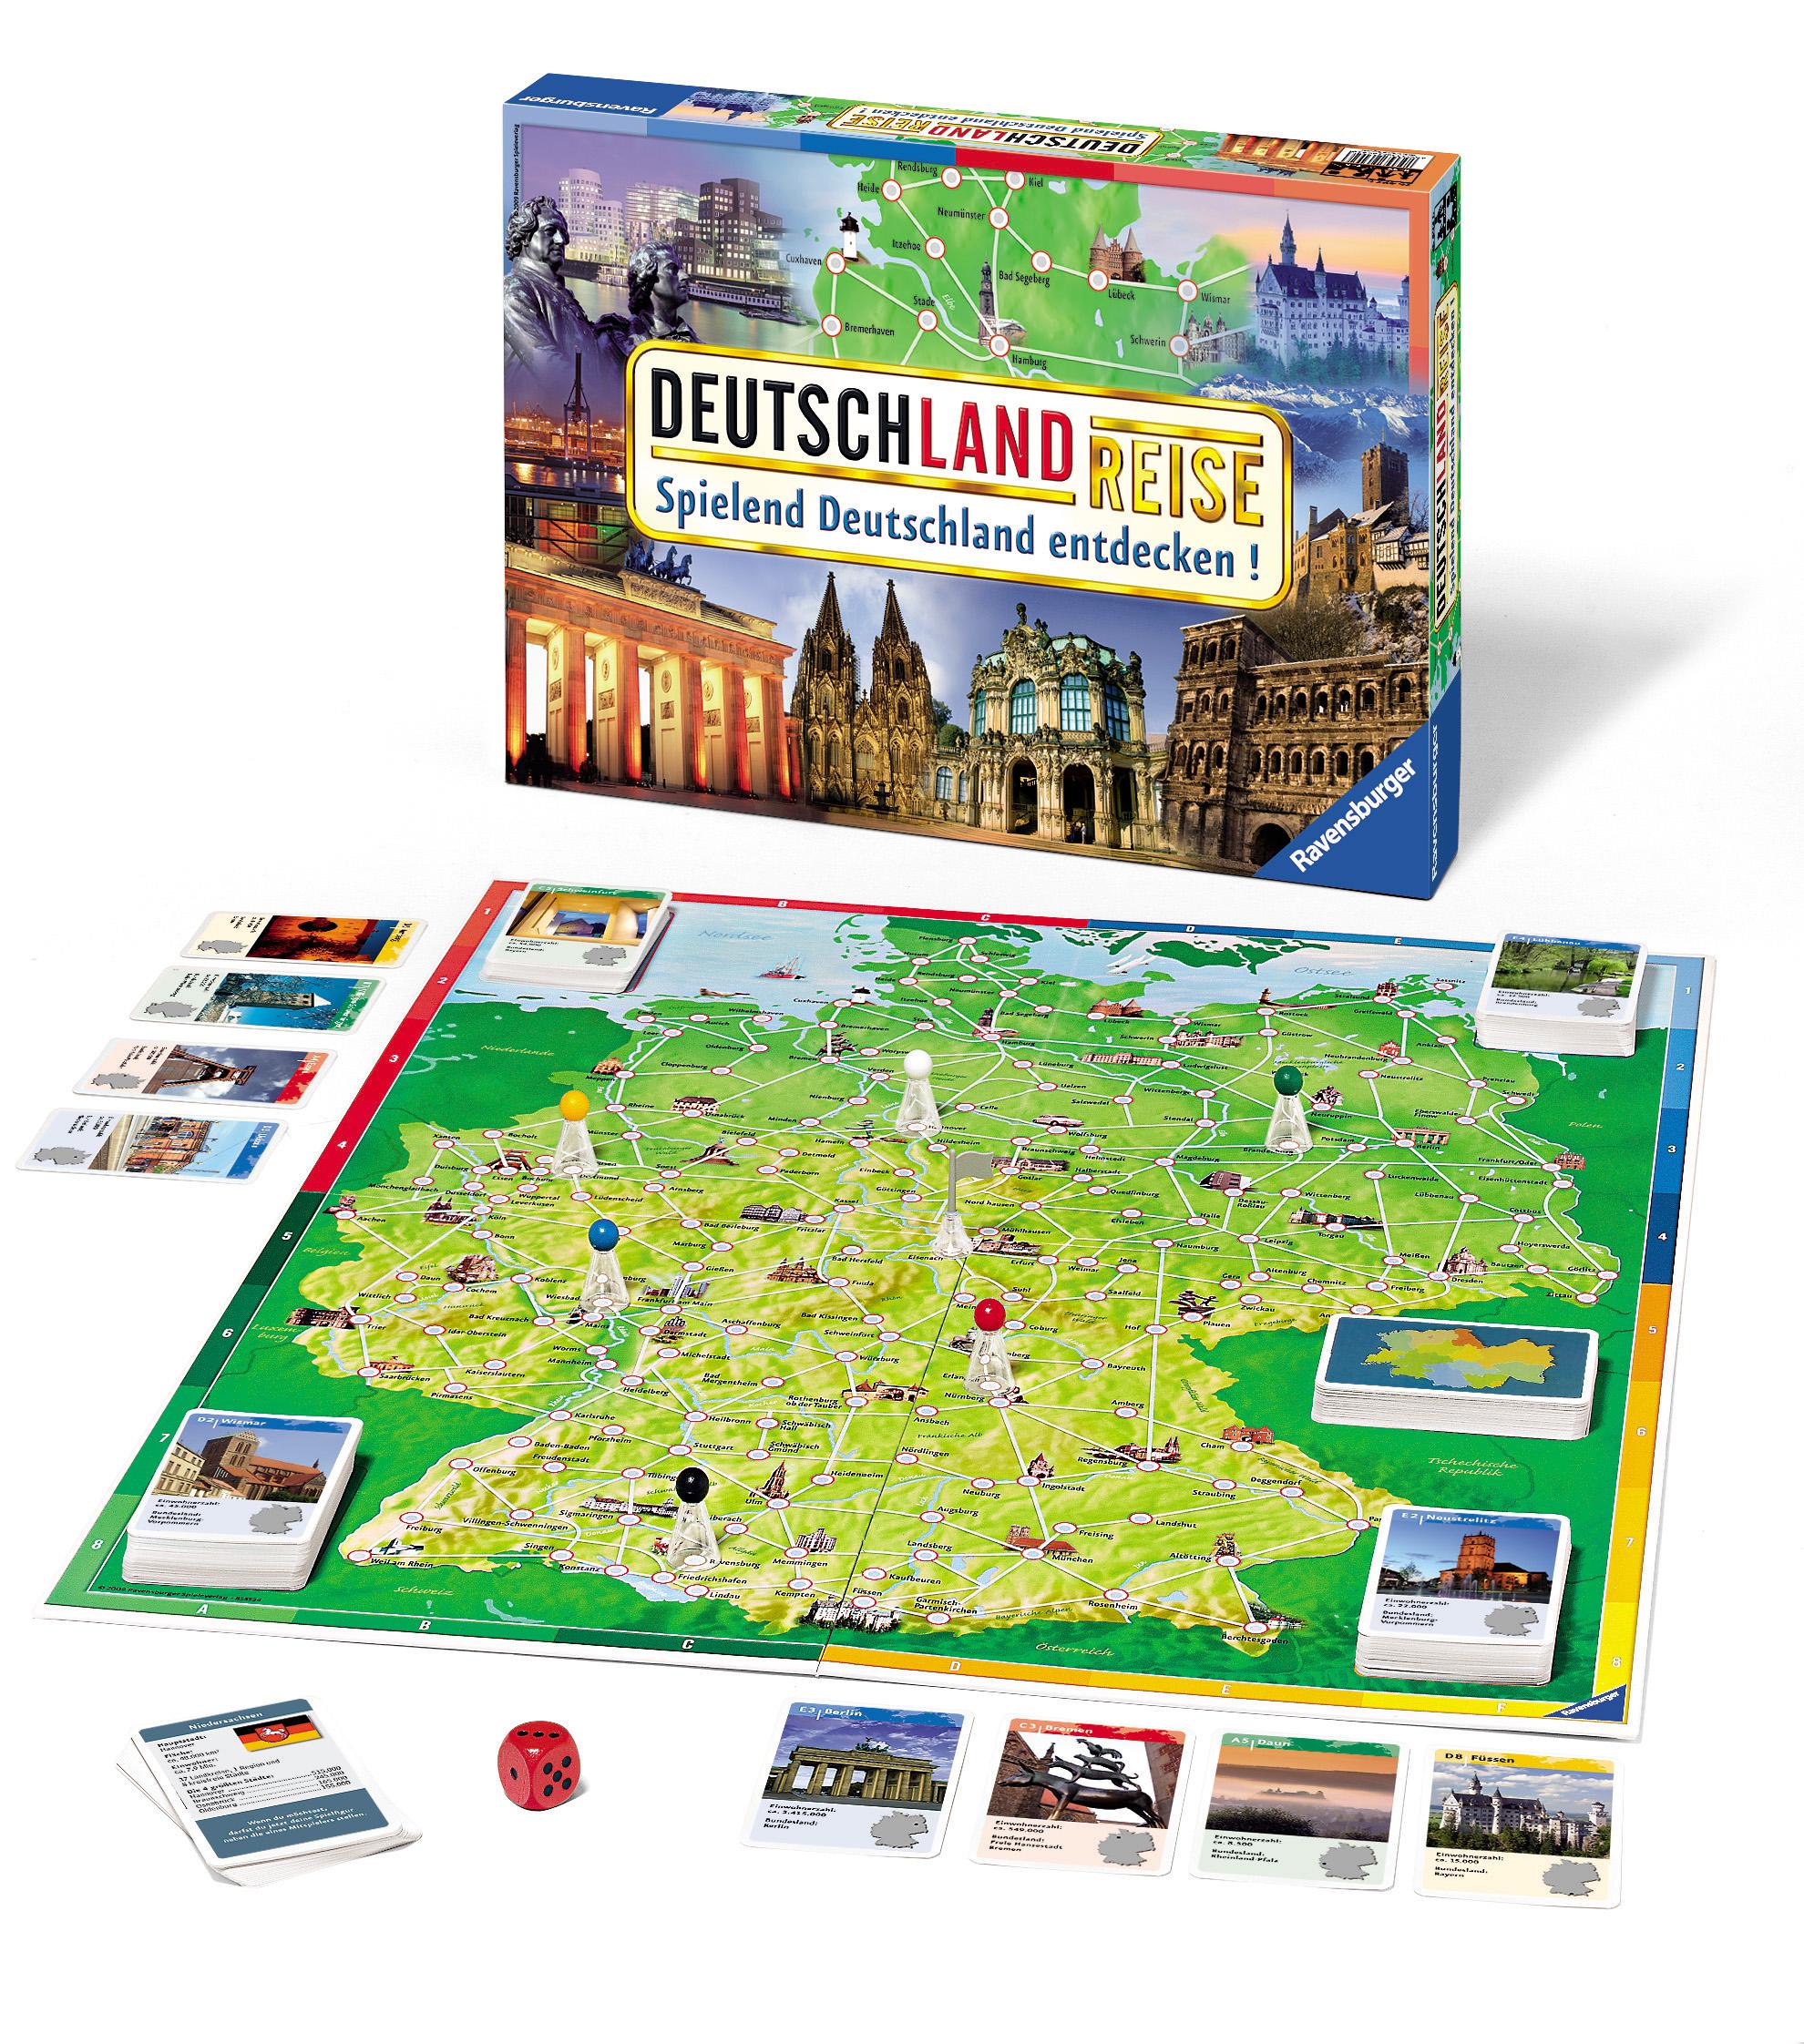 Deutschland spielend kennenlernen